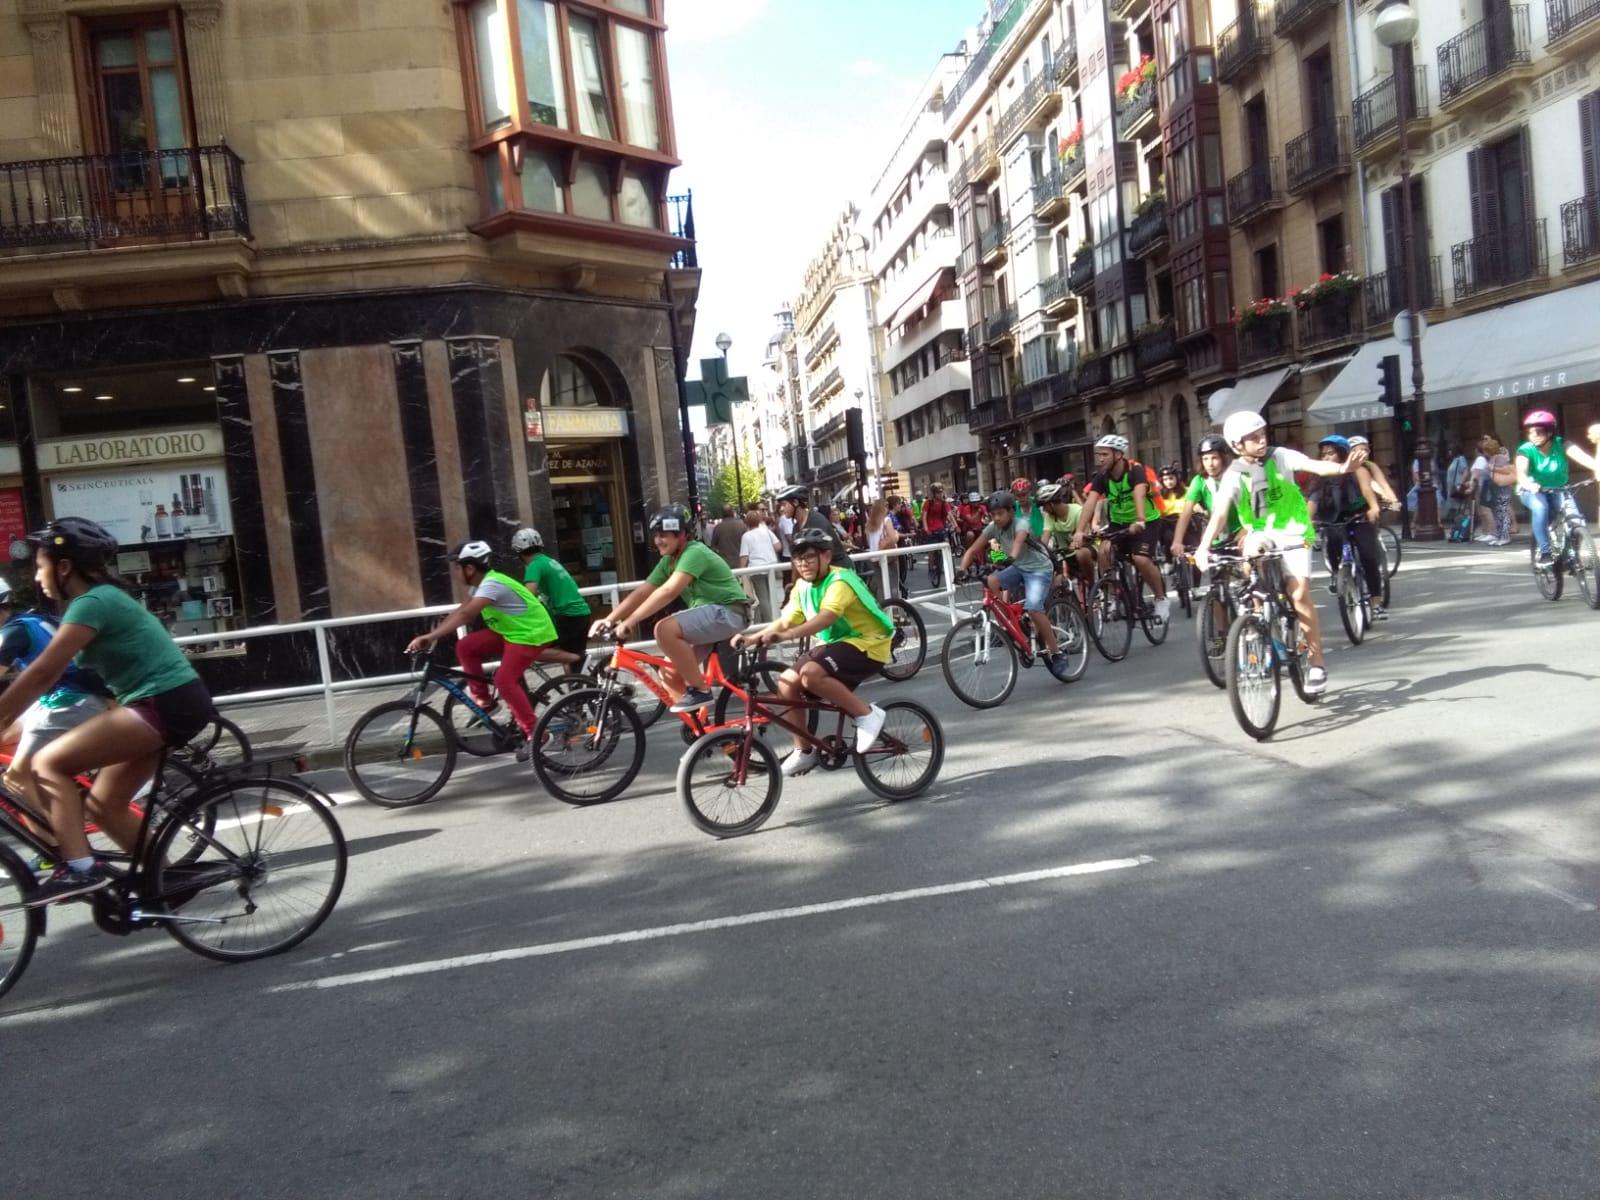 Marcha en bicicleta este mediodía por Donostia. Fotos: A.E.